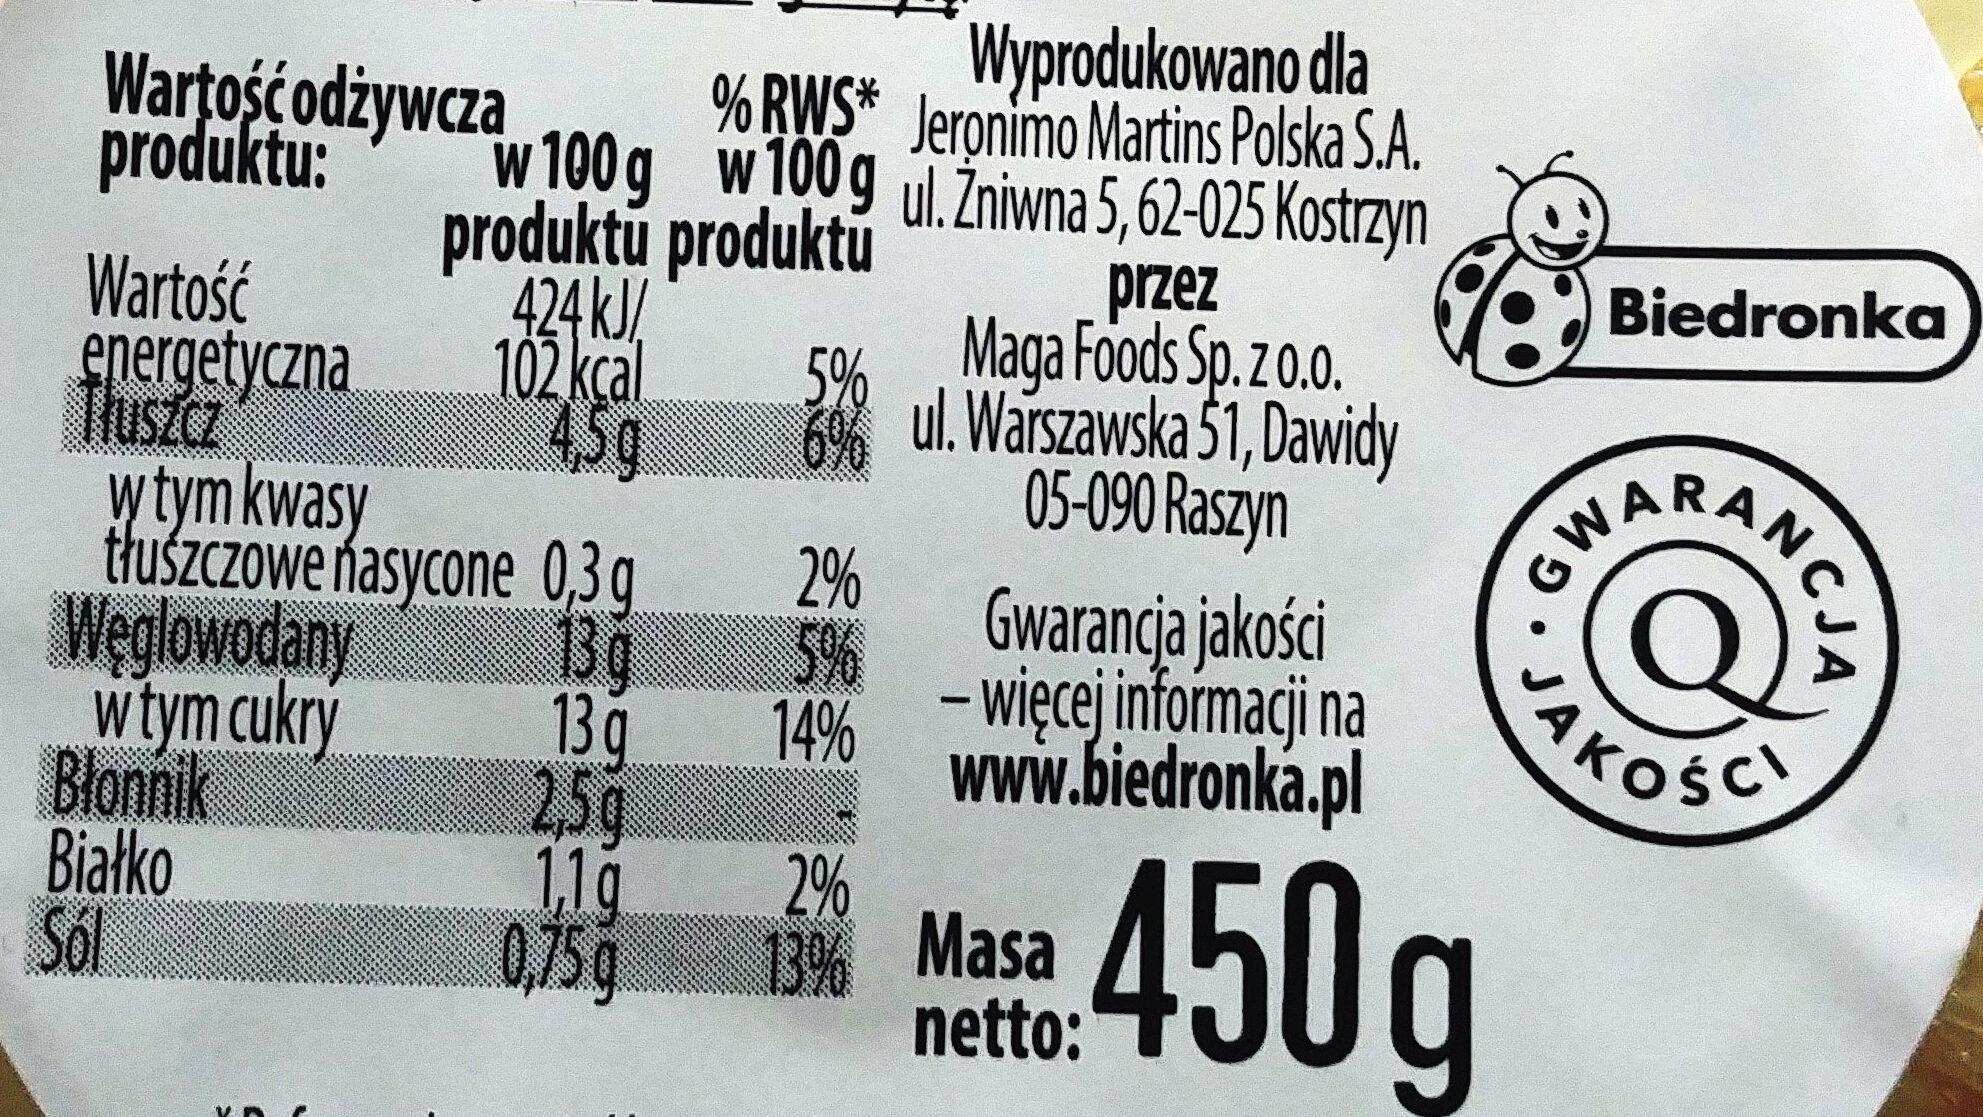 Surówka z białej kapusty z marchewką i natką pietruszki - Wartości odżywcze - pl